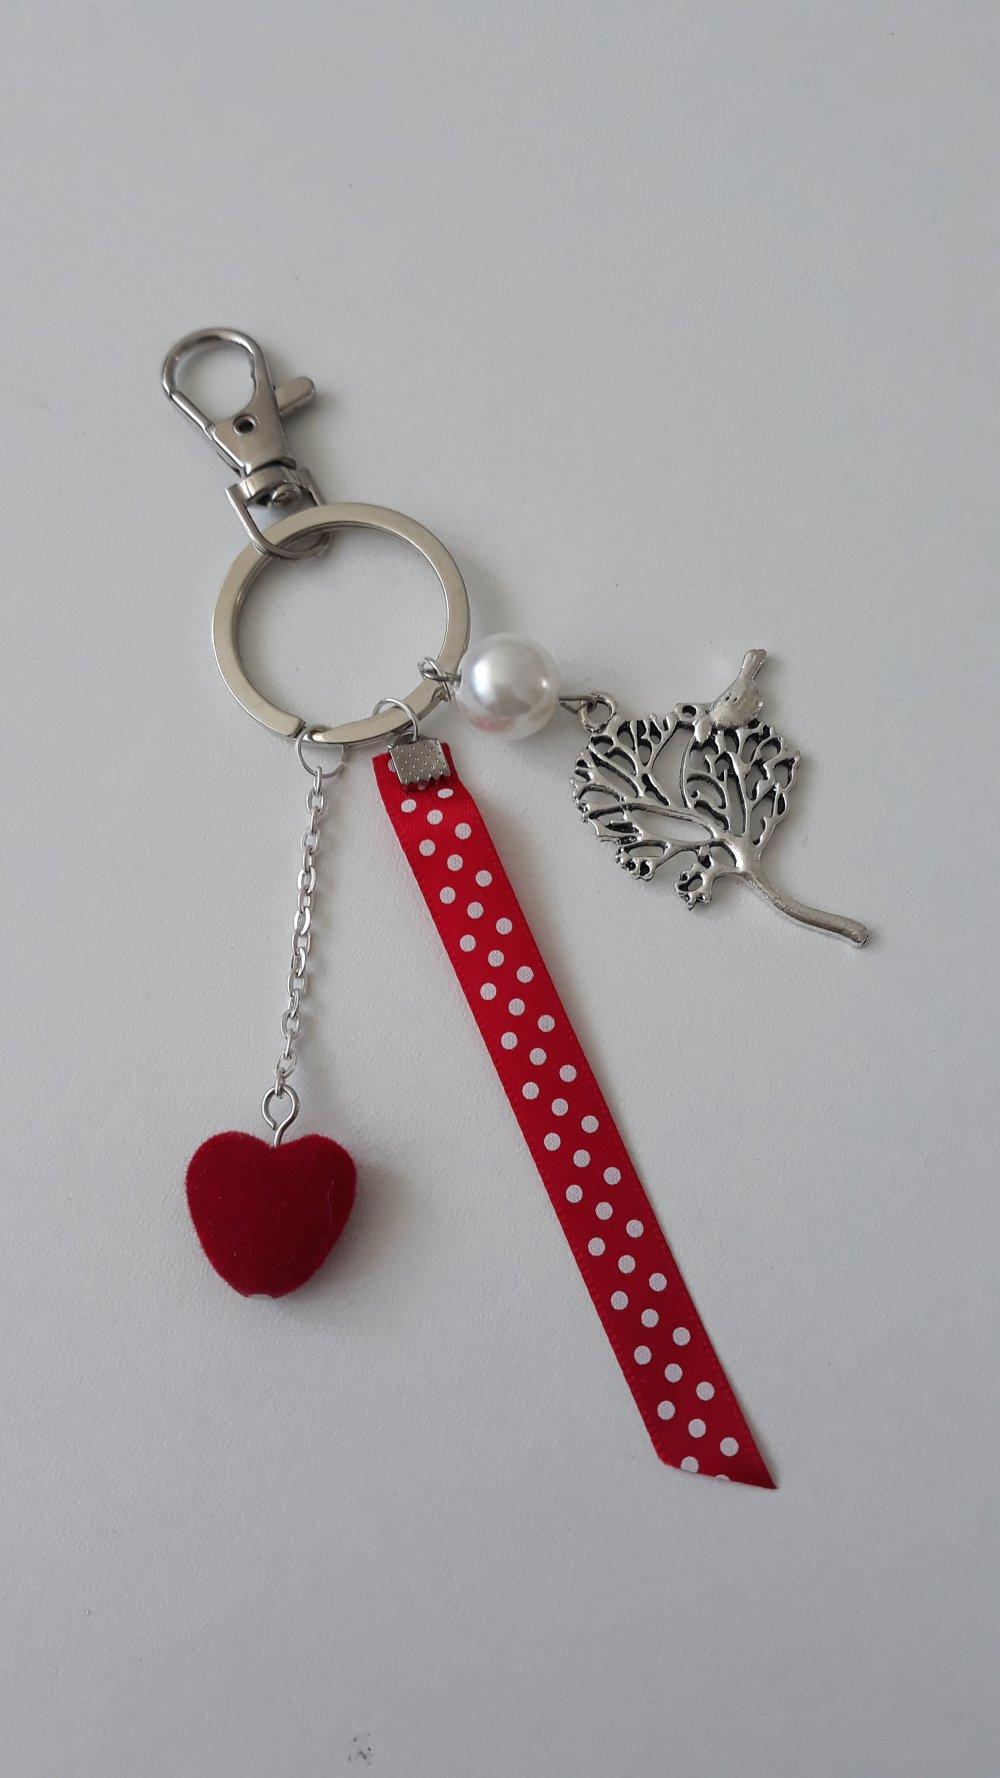 Bijoux de sac / porte-clefs